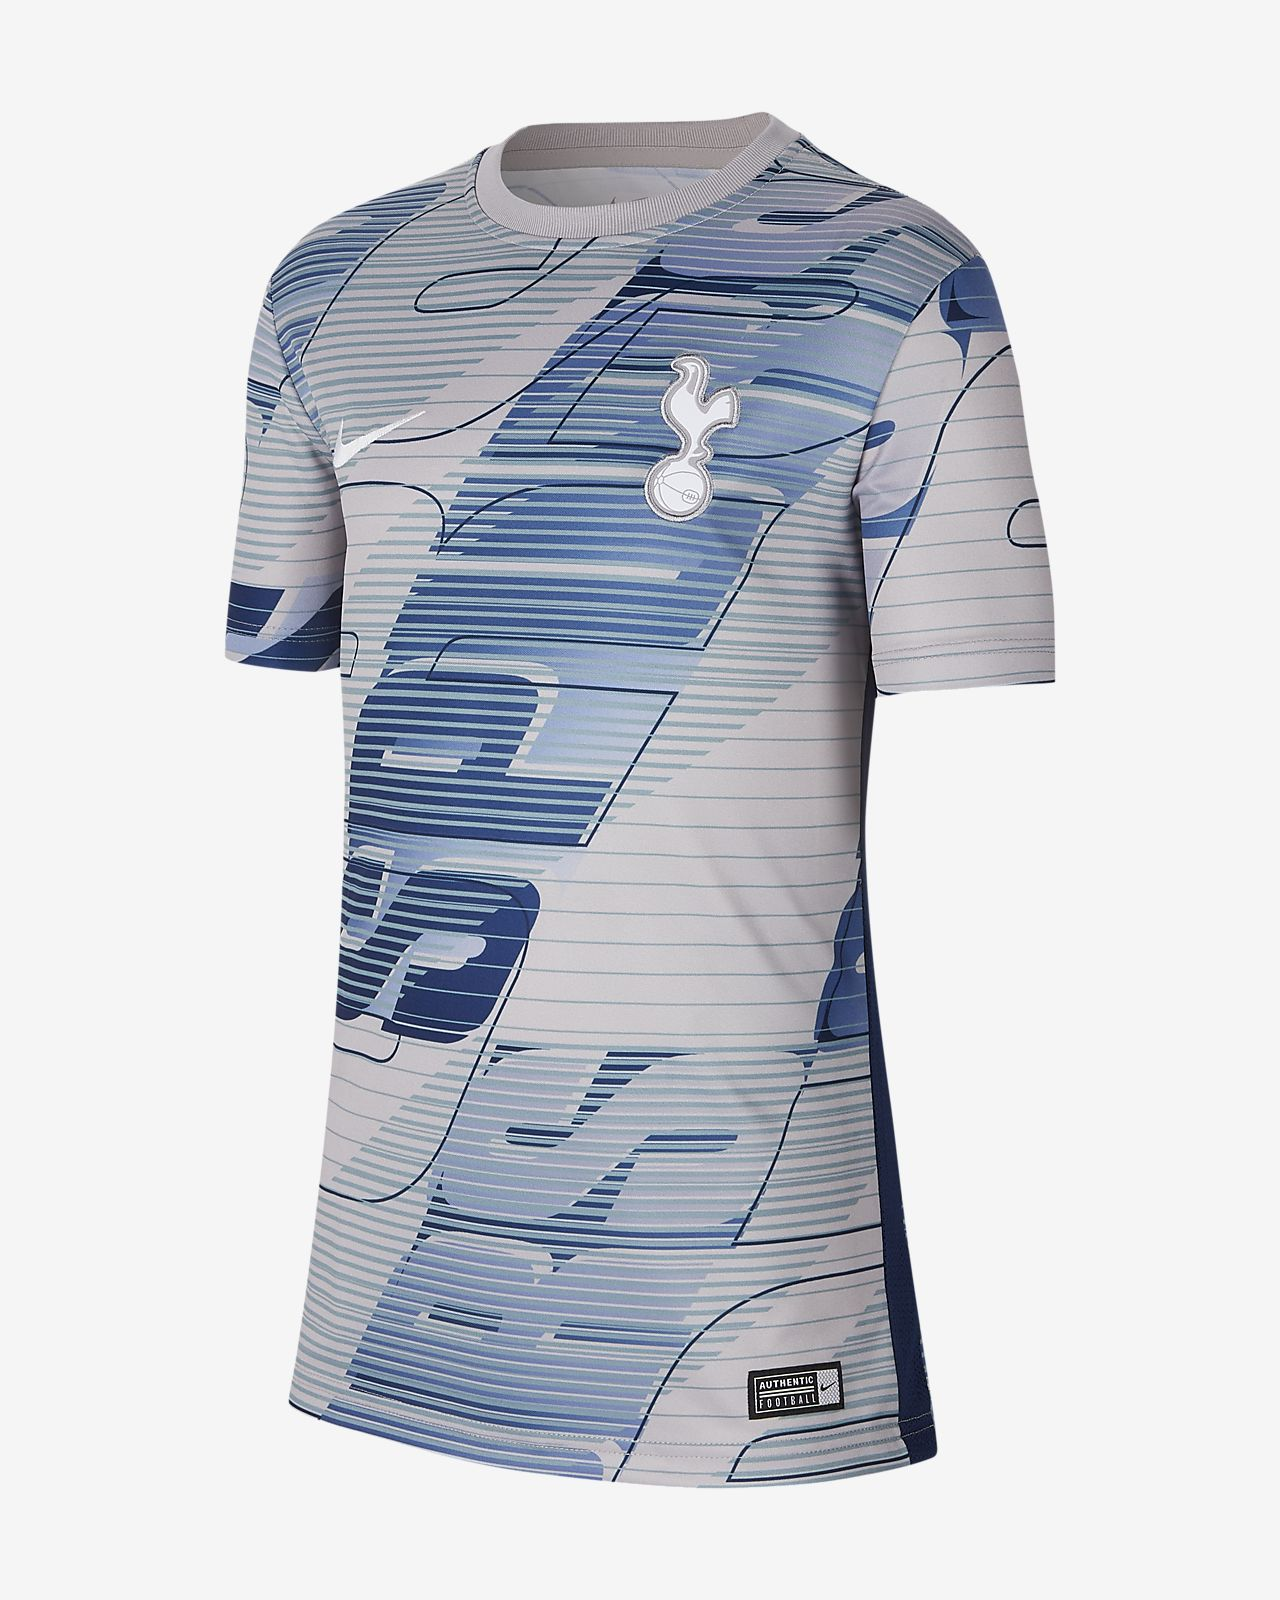 Παιδική κοντομάνικη ποδοσφαιρική μπλούζα Tottenham Hotspur